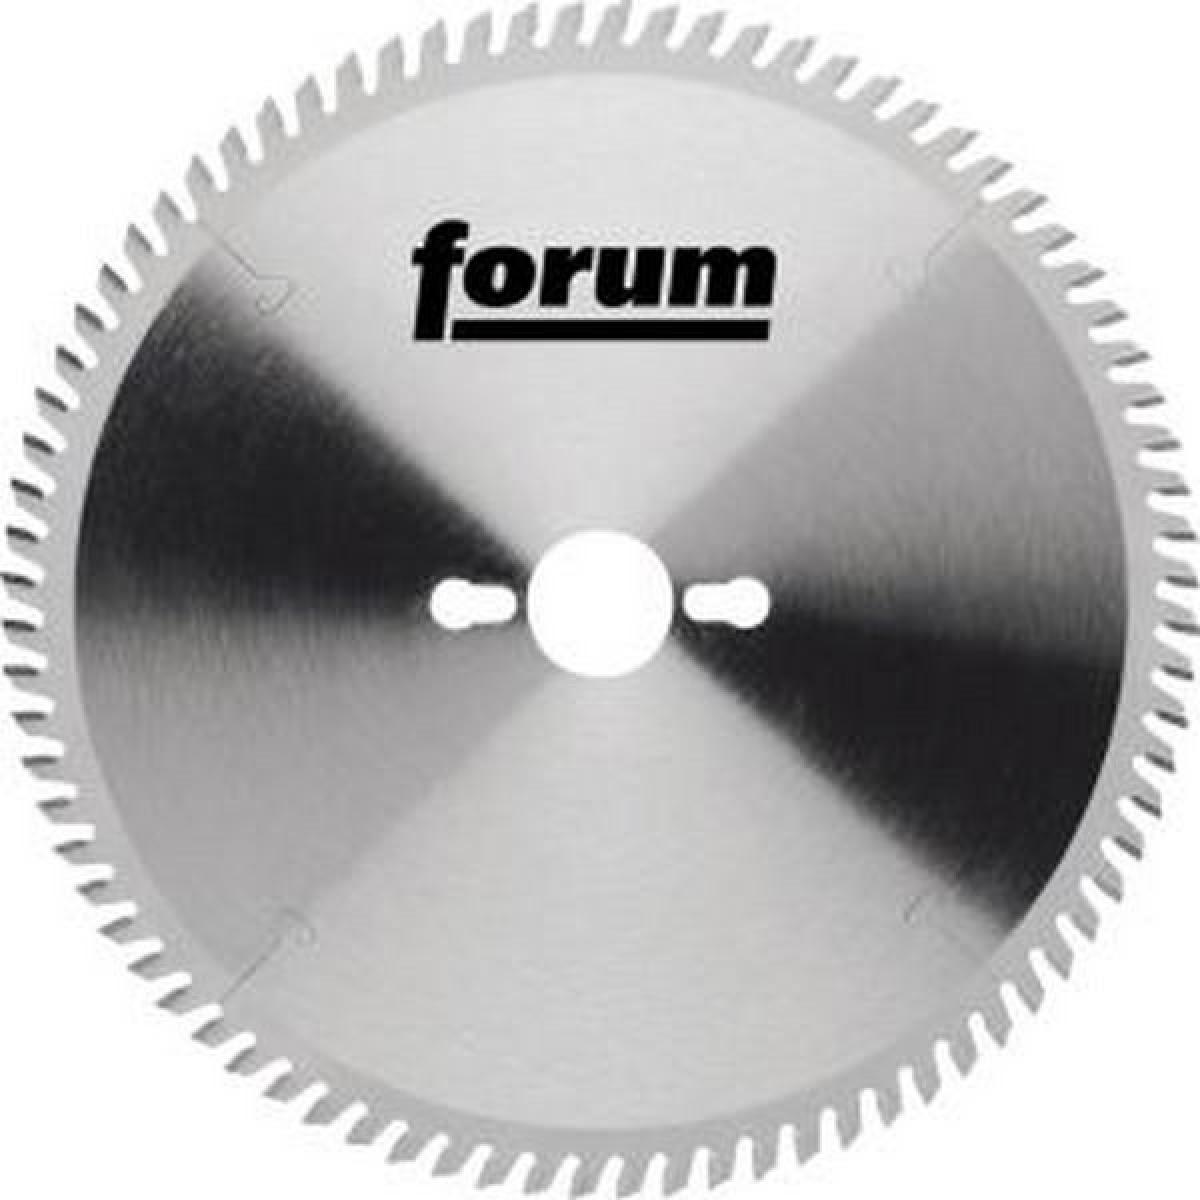 Forum Lame de scie circulaire, Ø : 250 mm, Larg. : 3,2 mm, Alésage 30 mm, Perçages secondaires : 2KNL*, Dents : 80